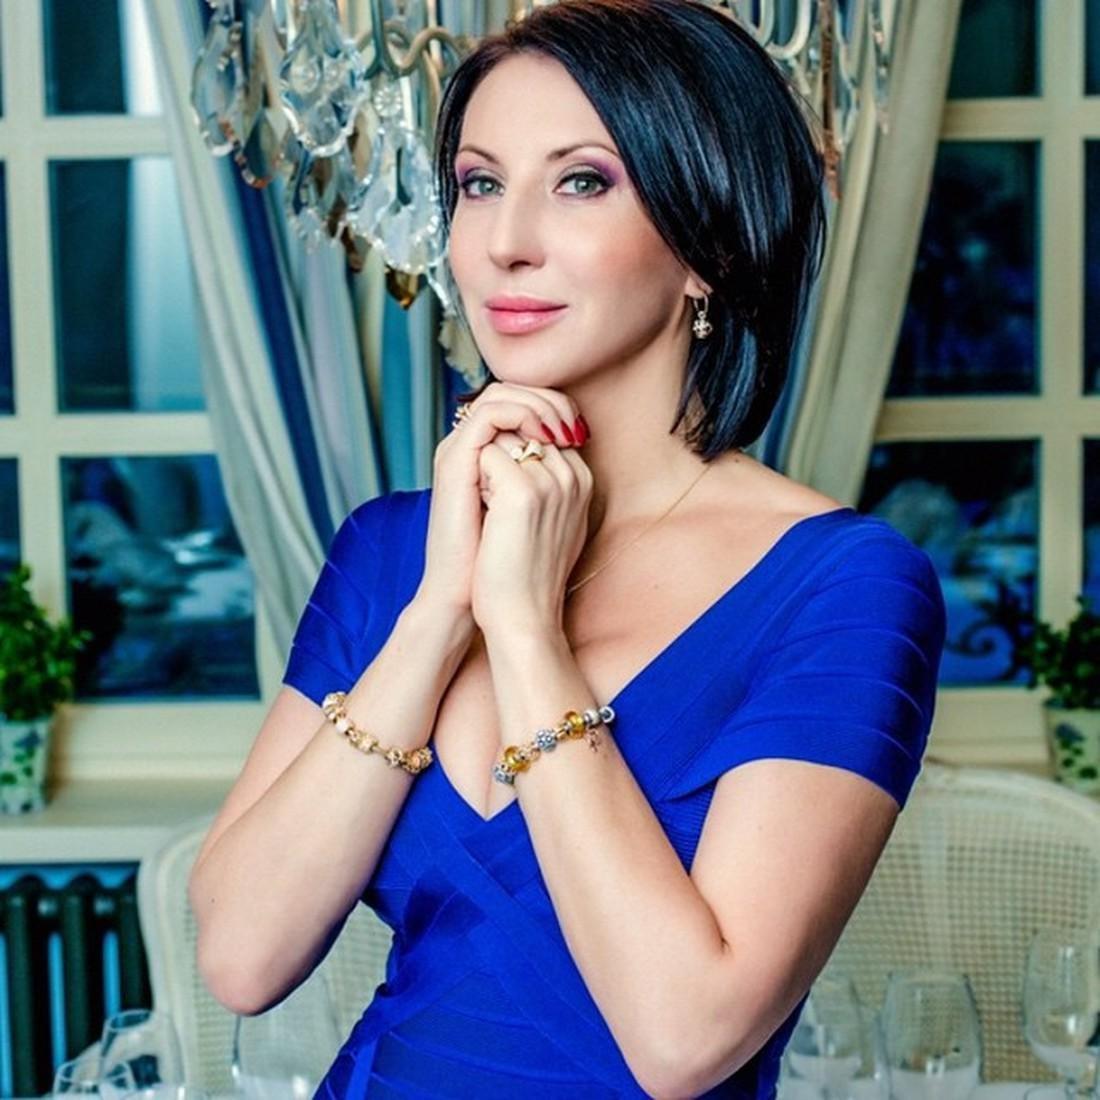 Тело старушки, лицо молодушки!»: 50-летняя Алика Смехова значительно похорошела – фанаты